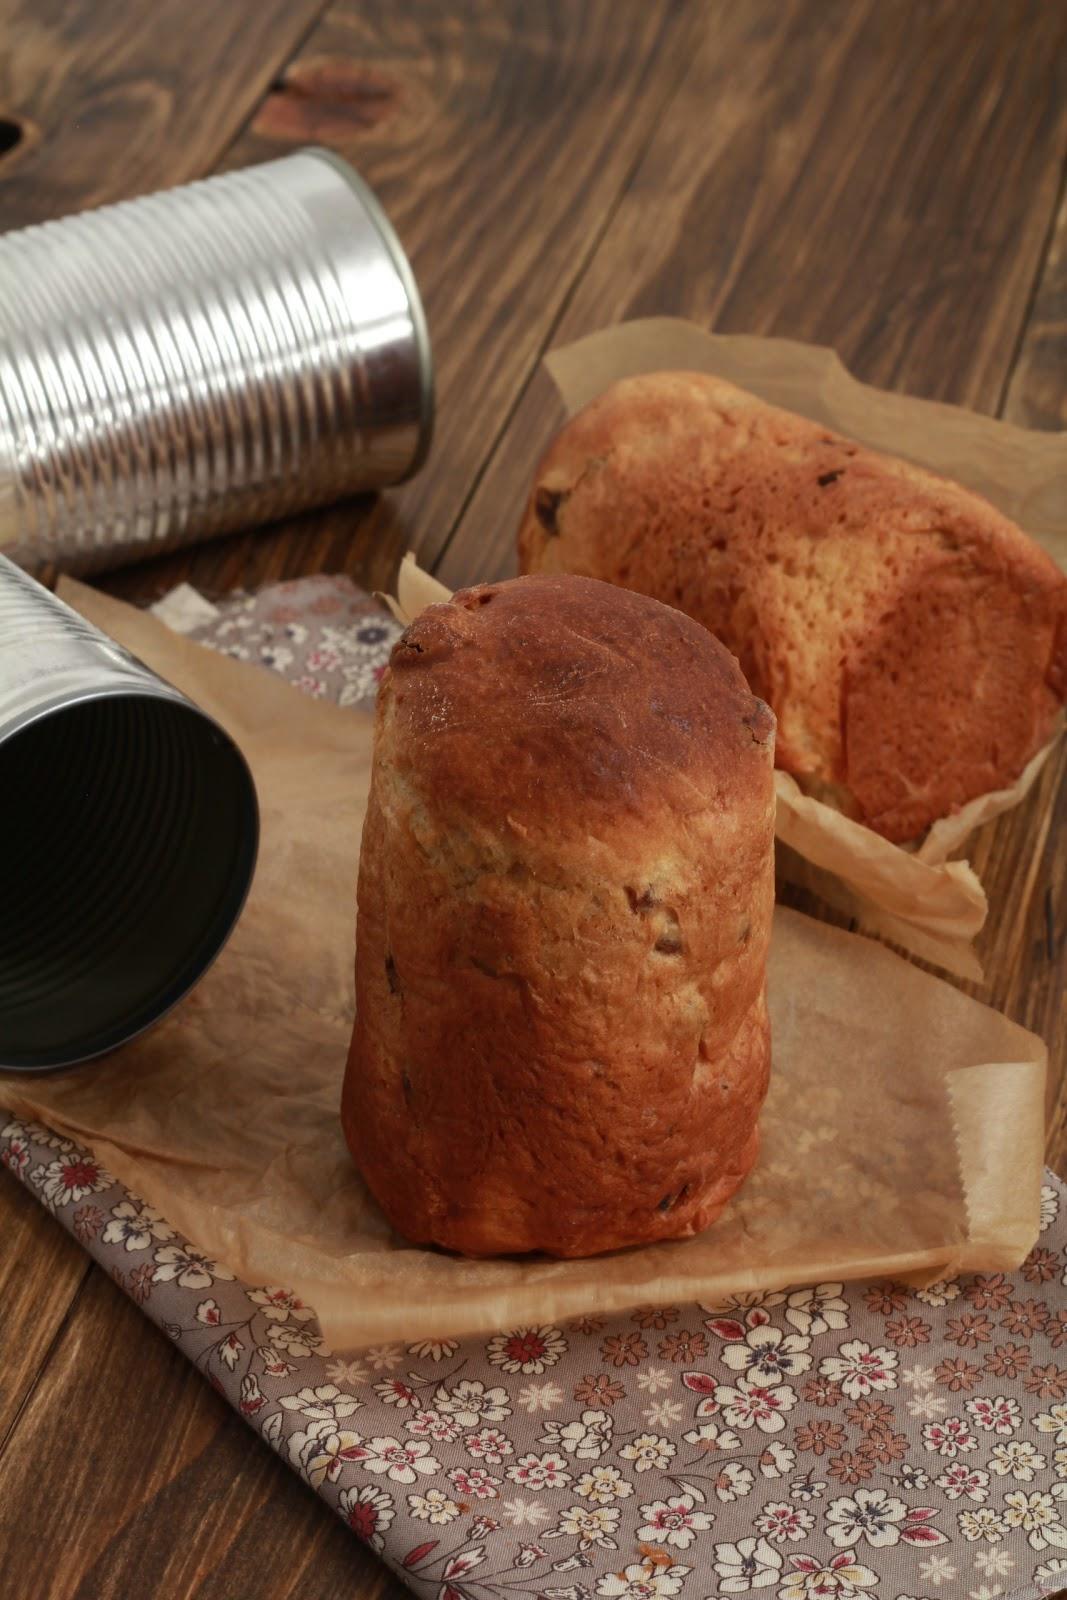 On dine chez nanou pannetone individuel offrir cuit - Cuisiner avec des boites de conserves ...